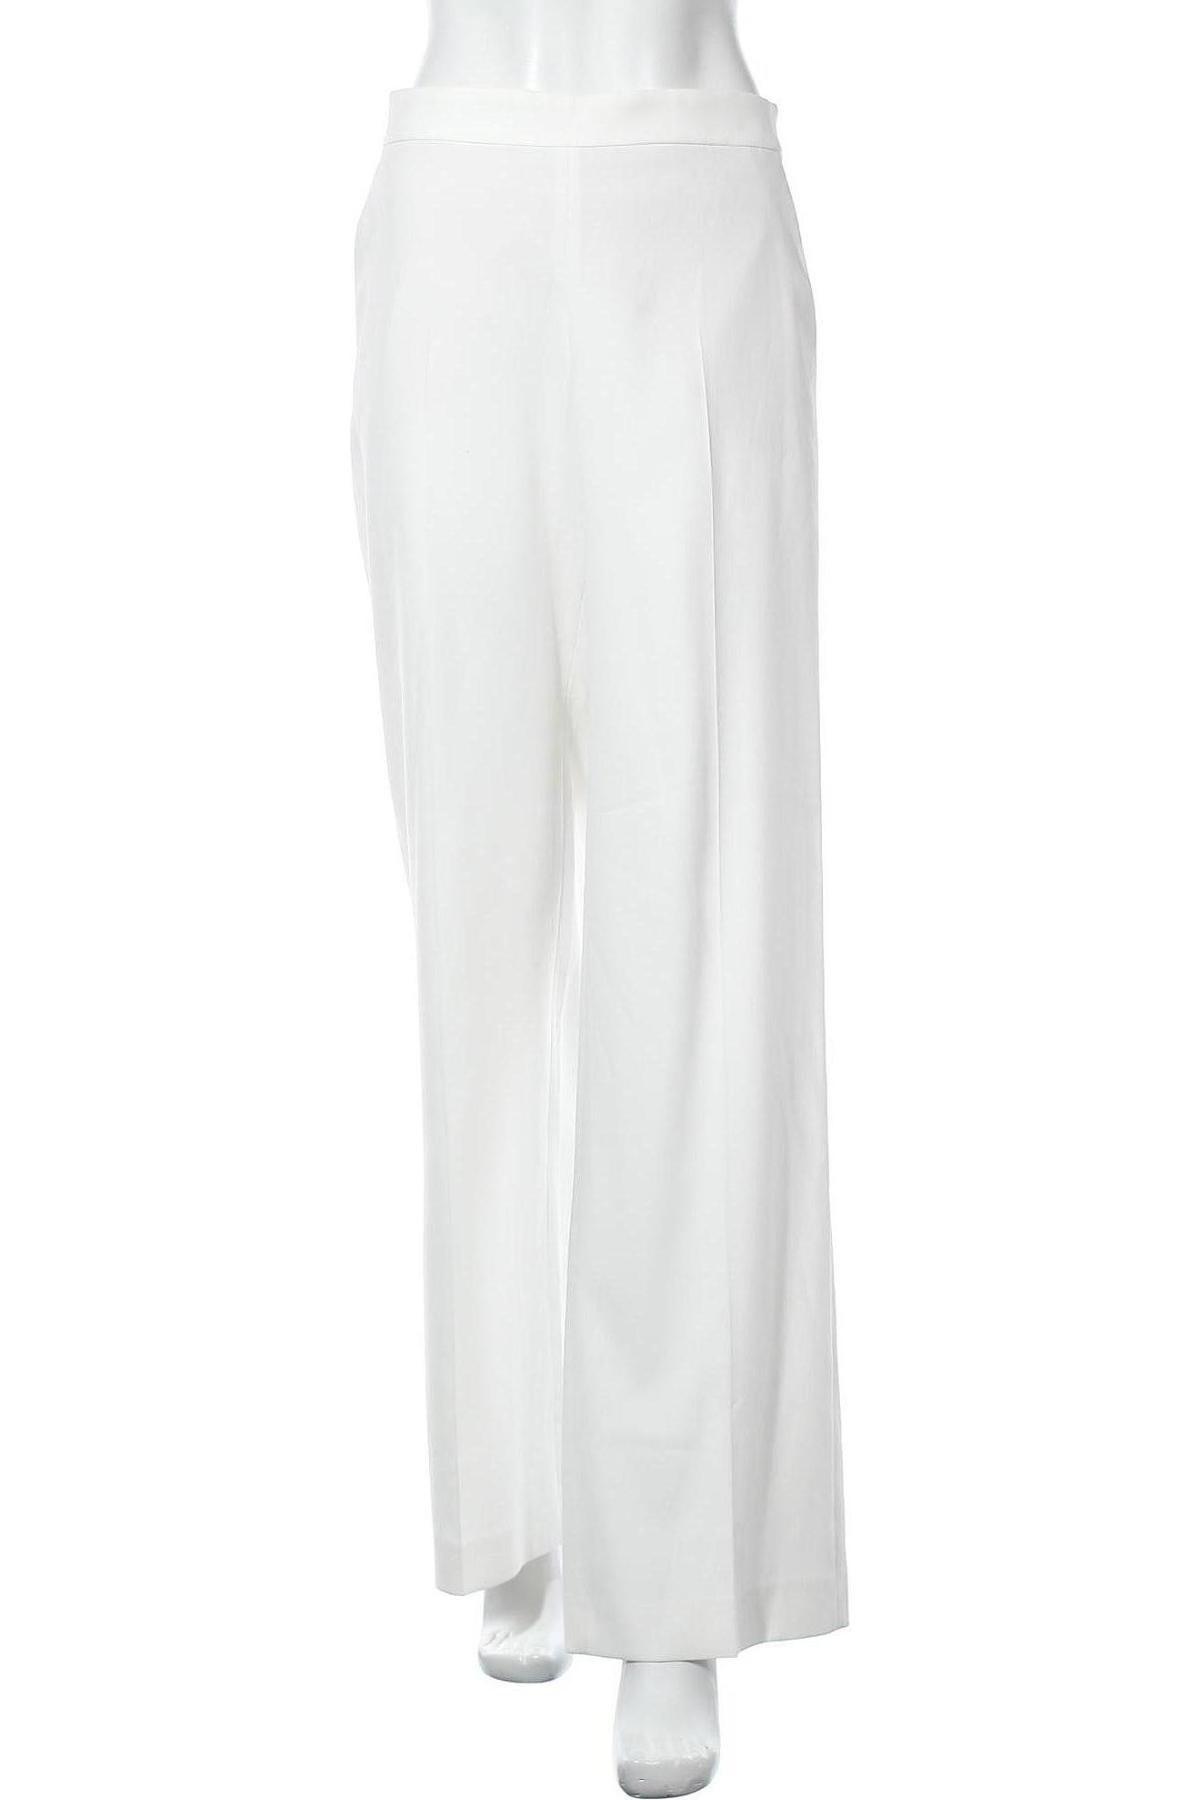 Pantaloni de femei Massimo Dutti, Mărime L, Culoare Alb, 29% poliester, 68% viscoză, 3% elastan, Preț 293,59 Lei